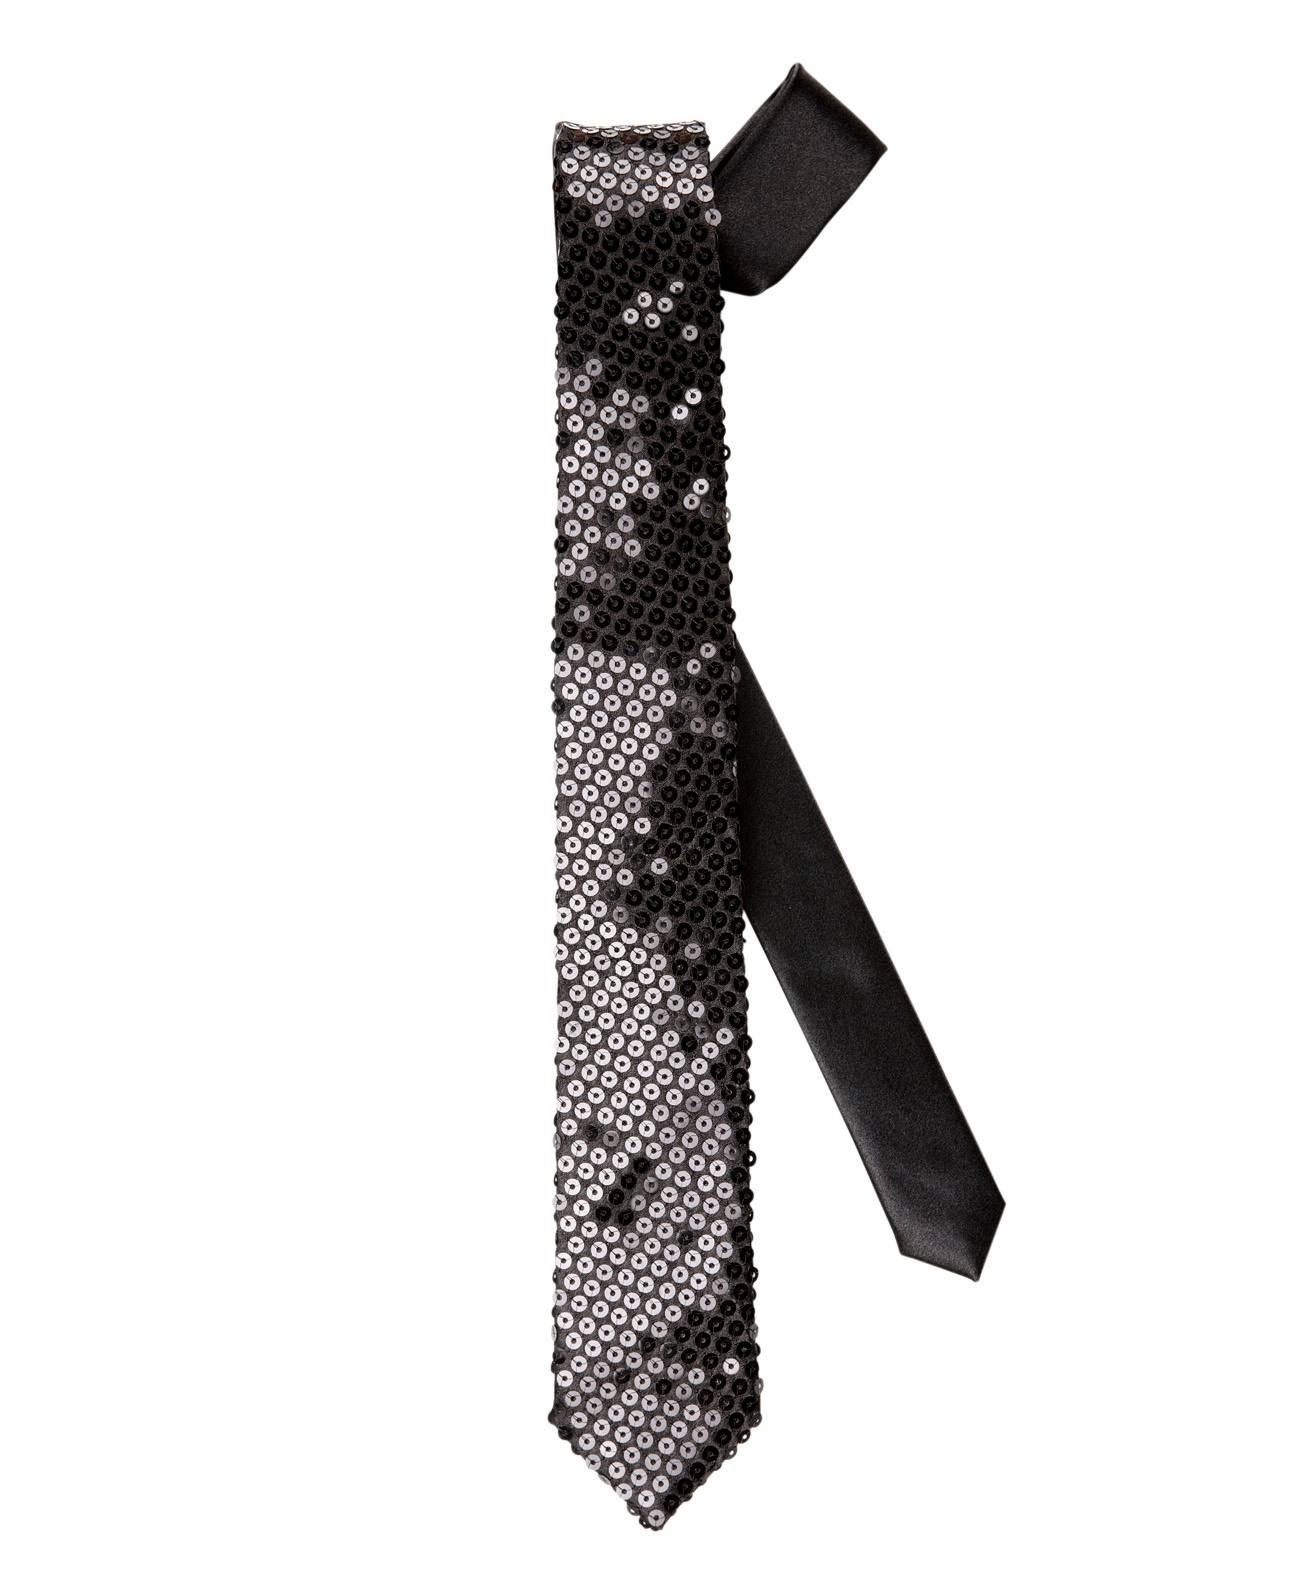 Cravate-paillettes-Noire